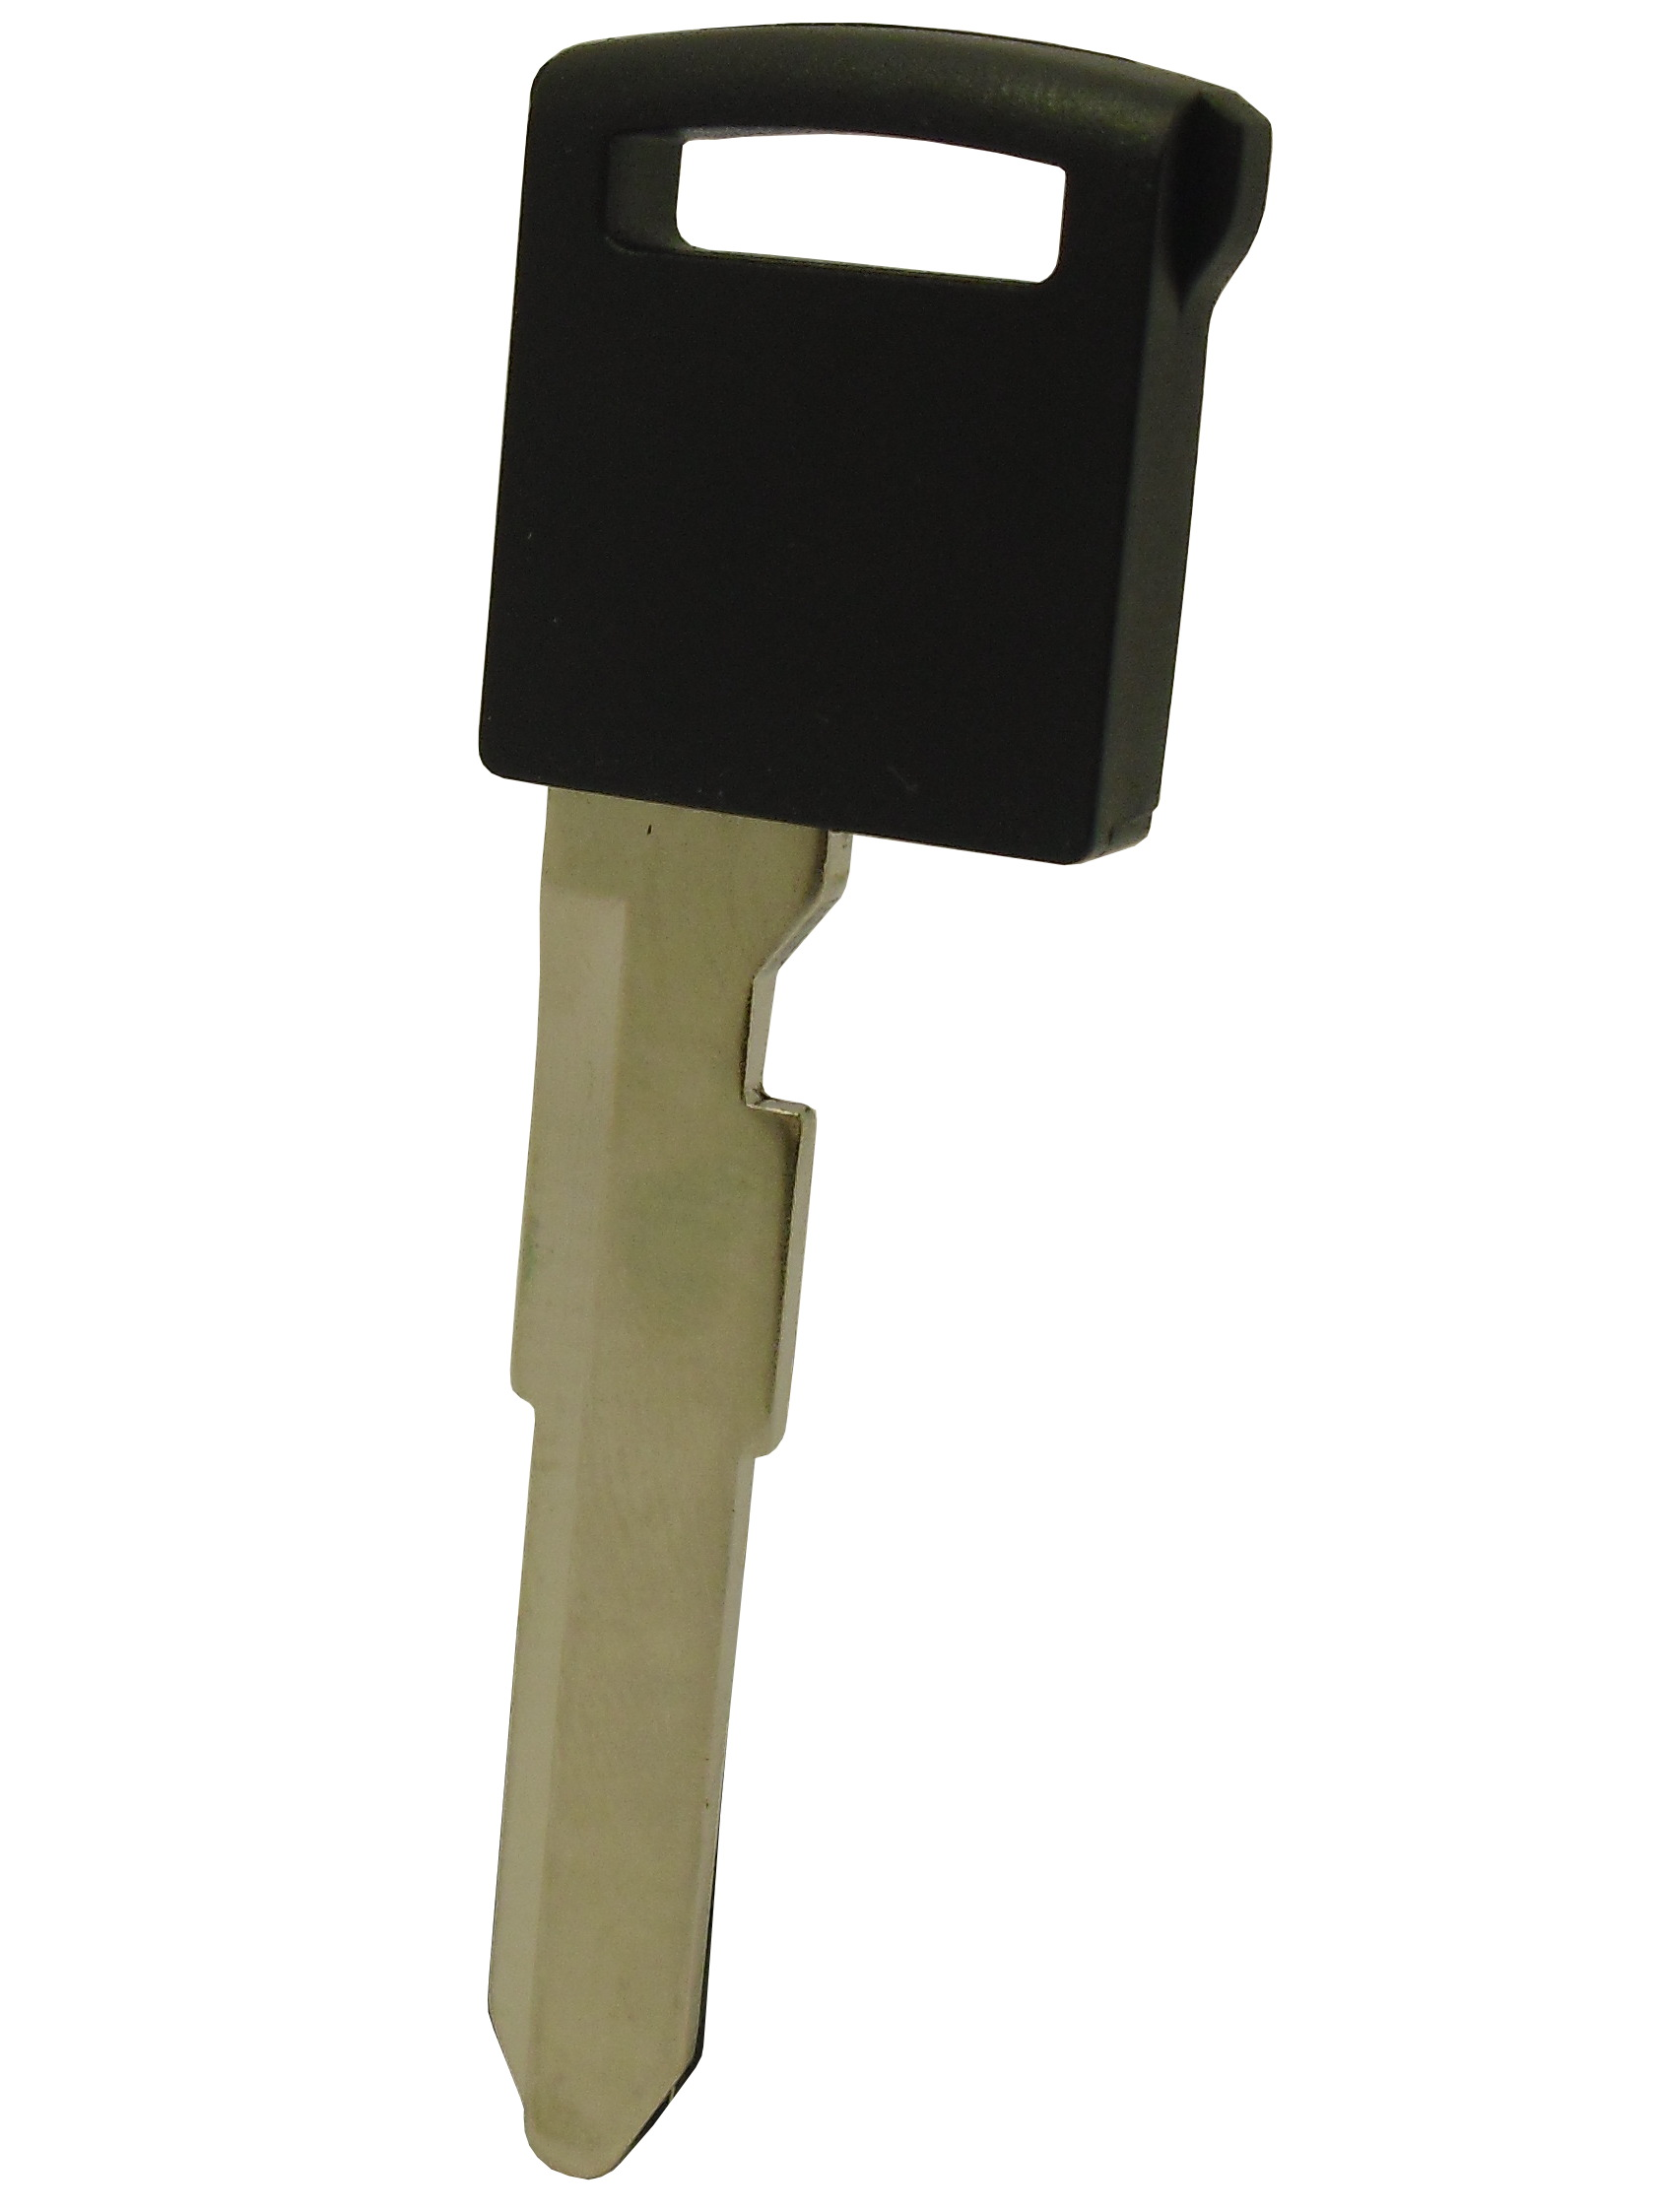 Suzuki Smart Key Insert Blade